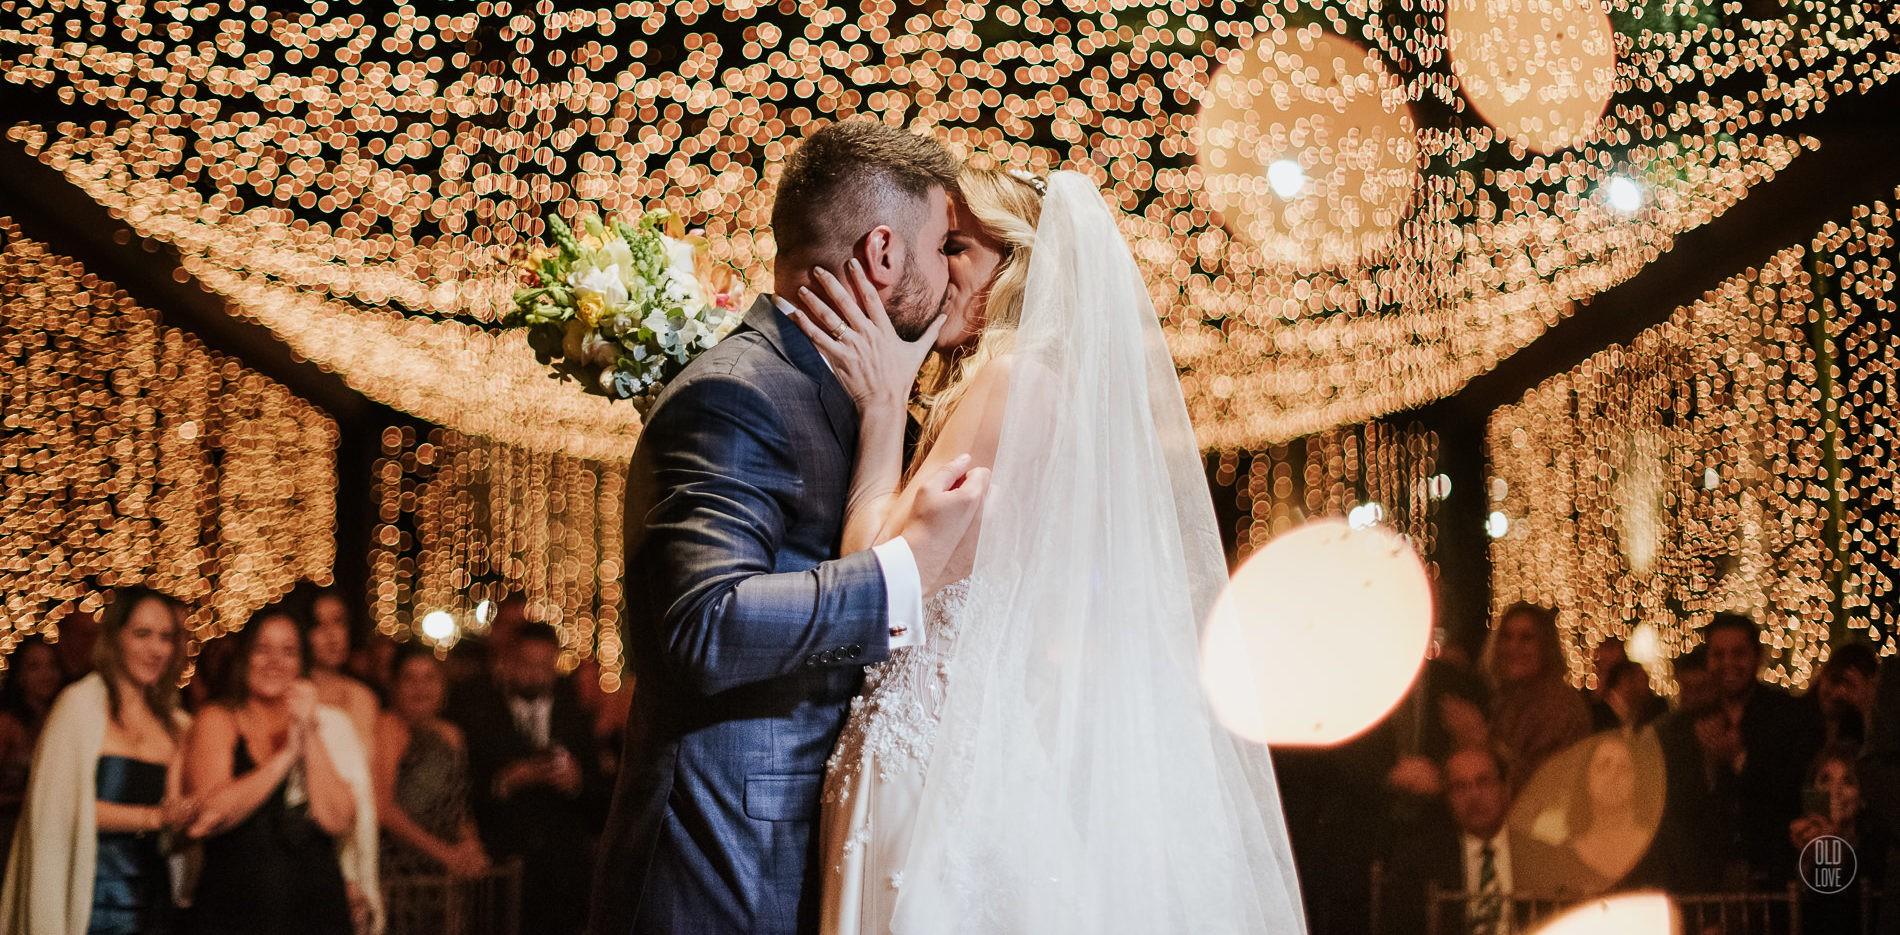 cerimônia de casamento decorada com muitas luzes